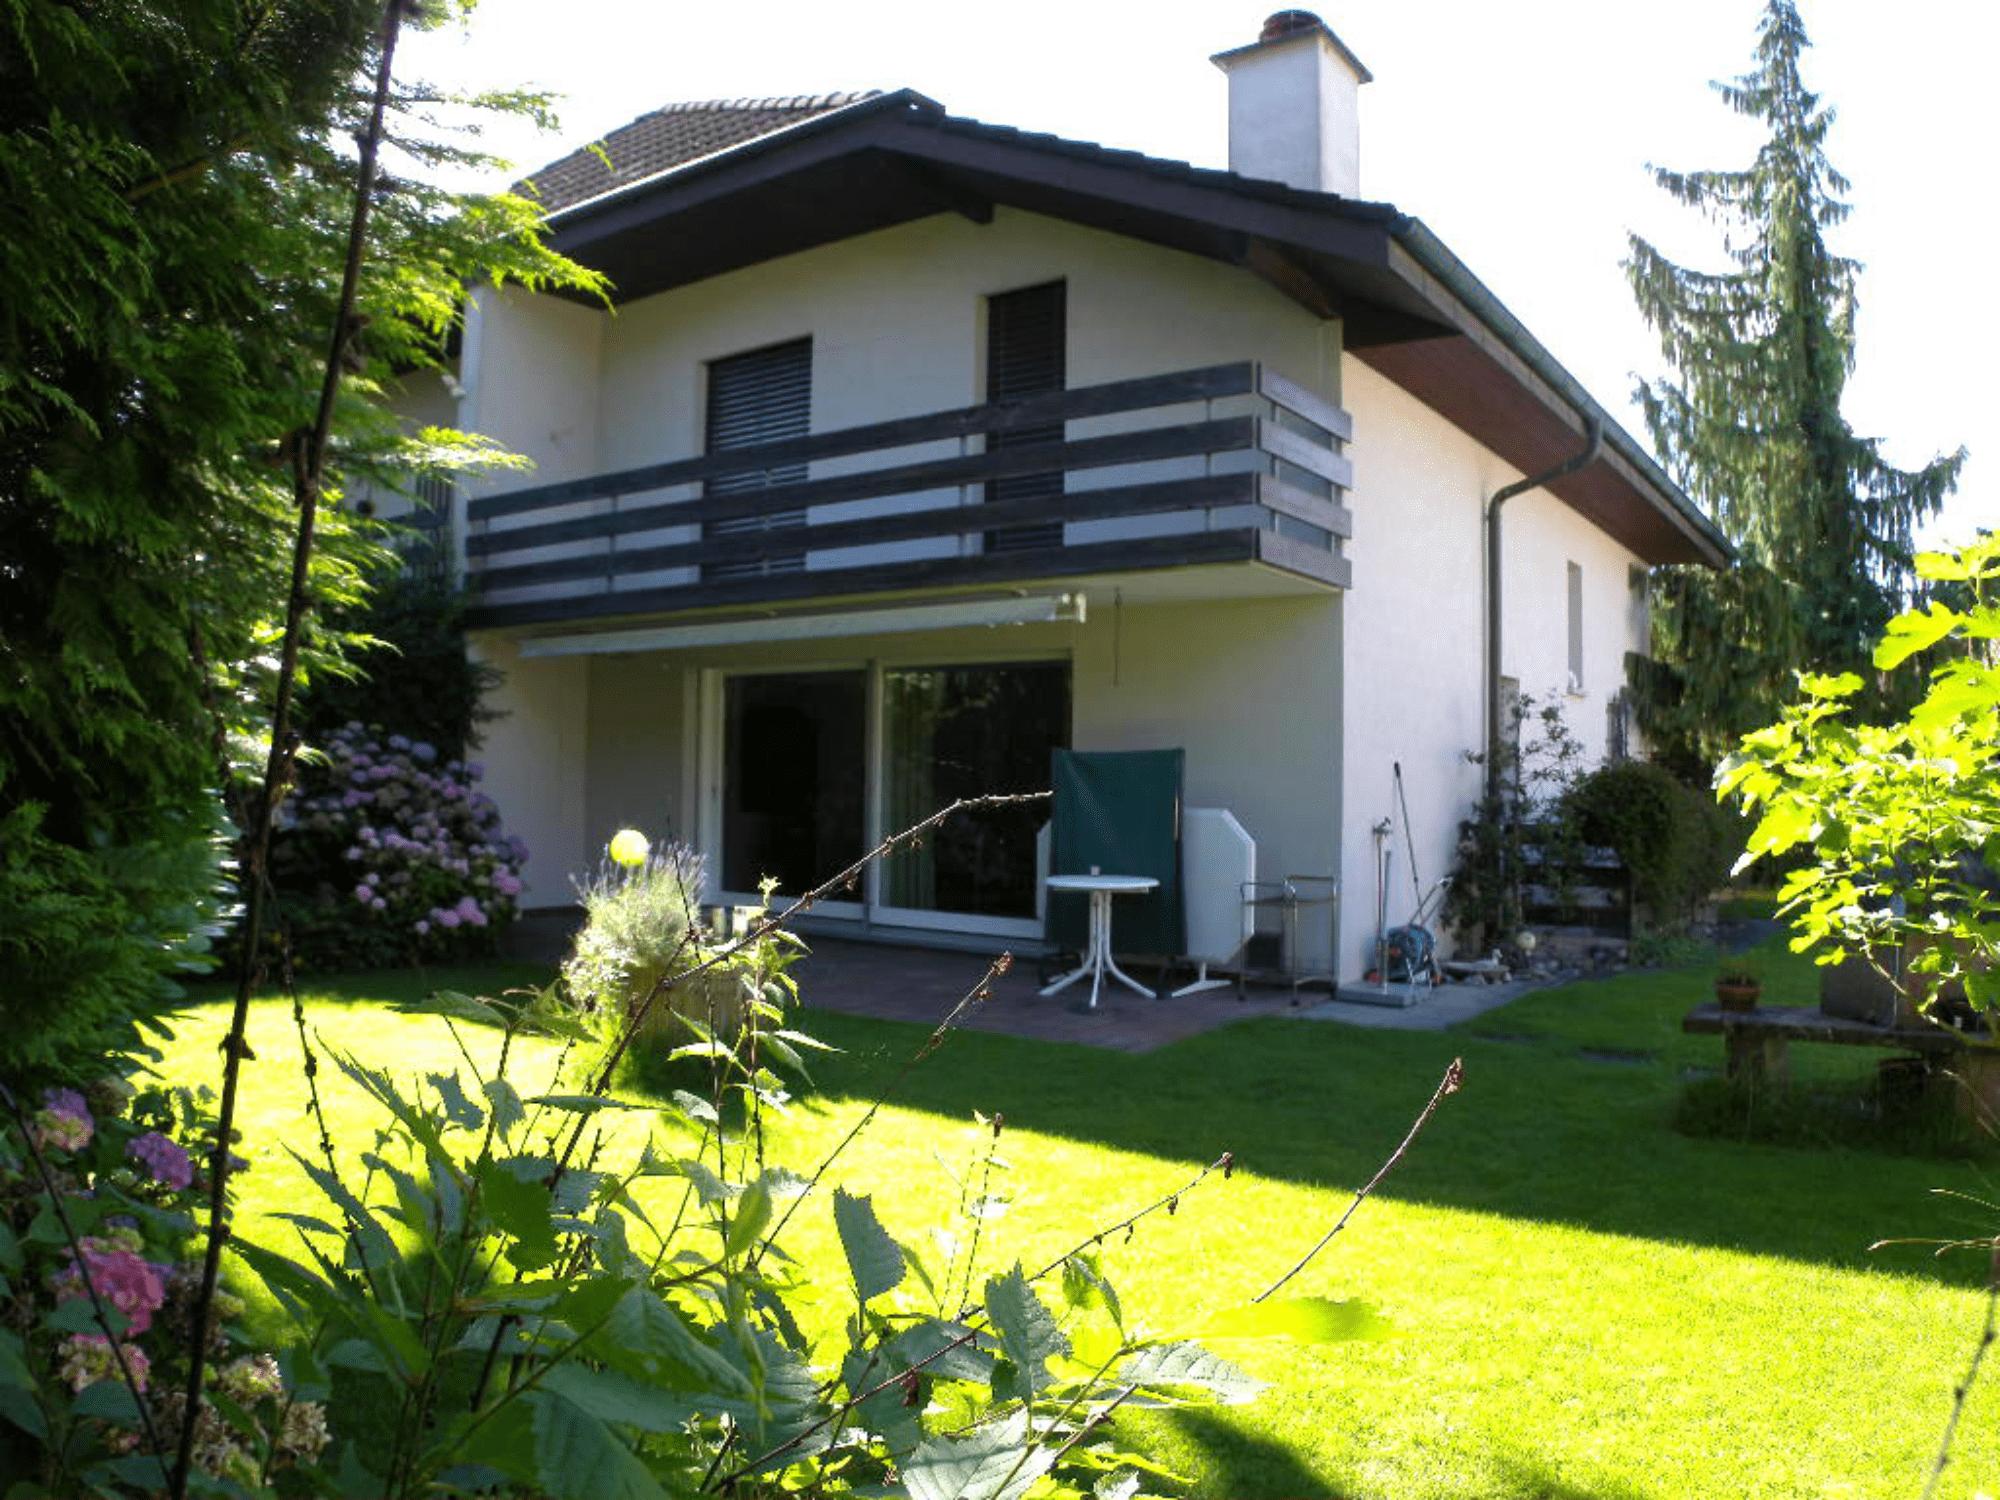 Einfamilienhaus in Buchs